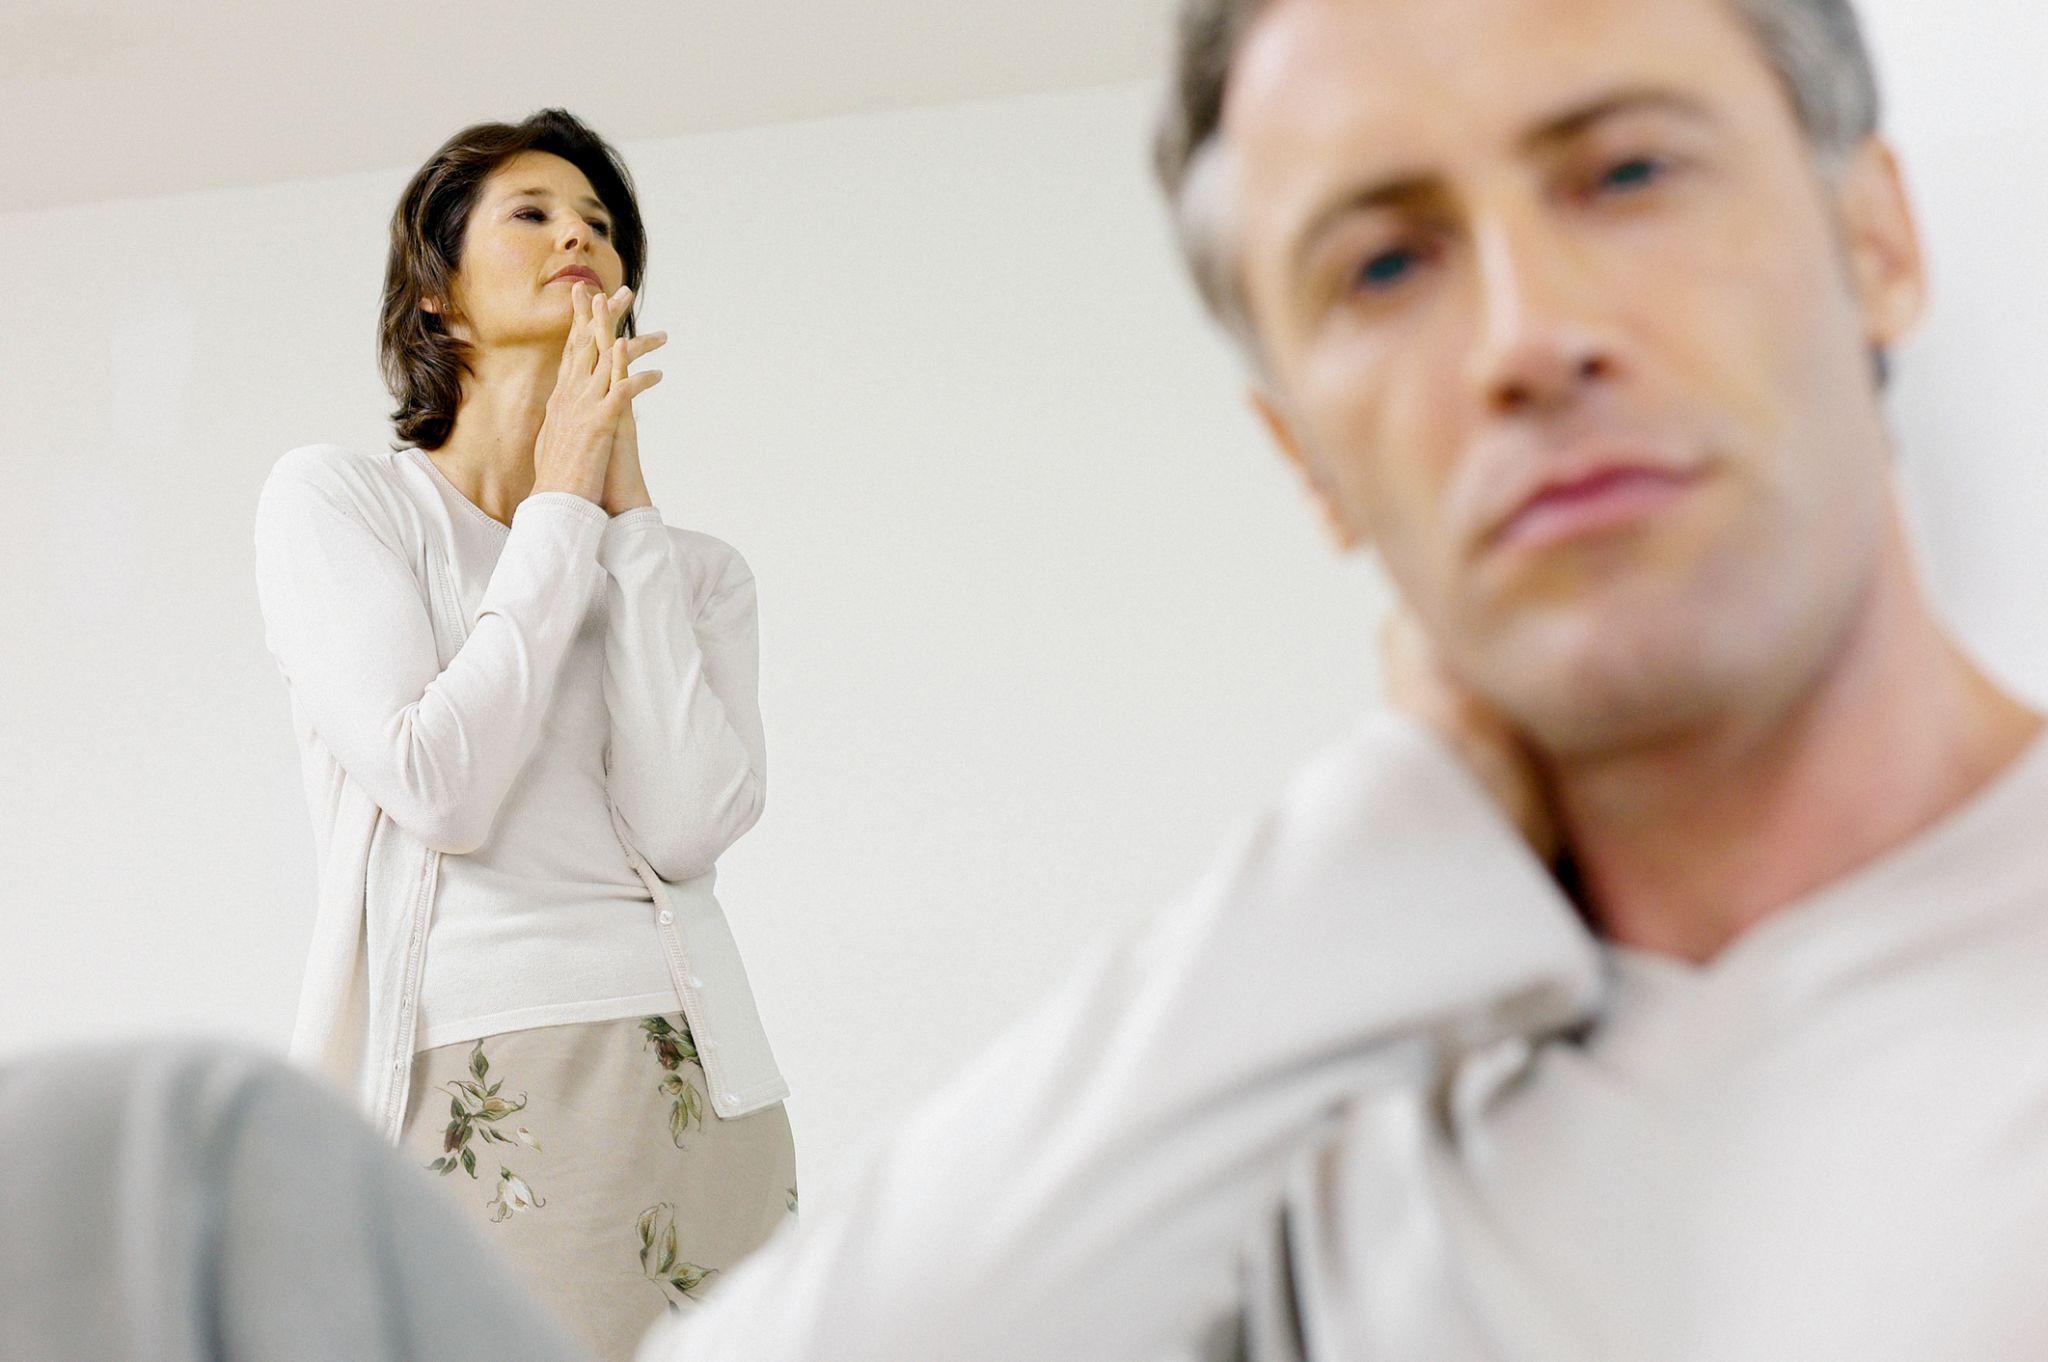 психология как вернуть отношения мужа к жене